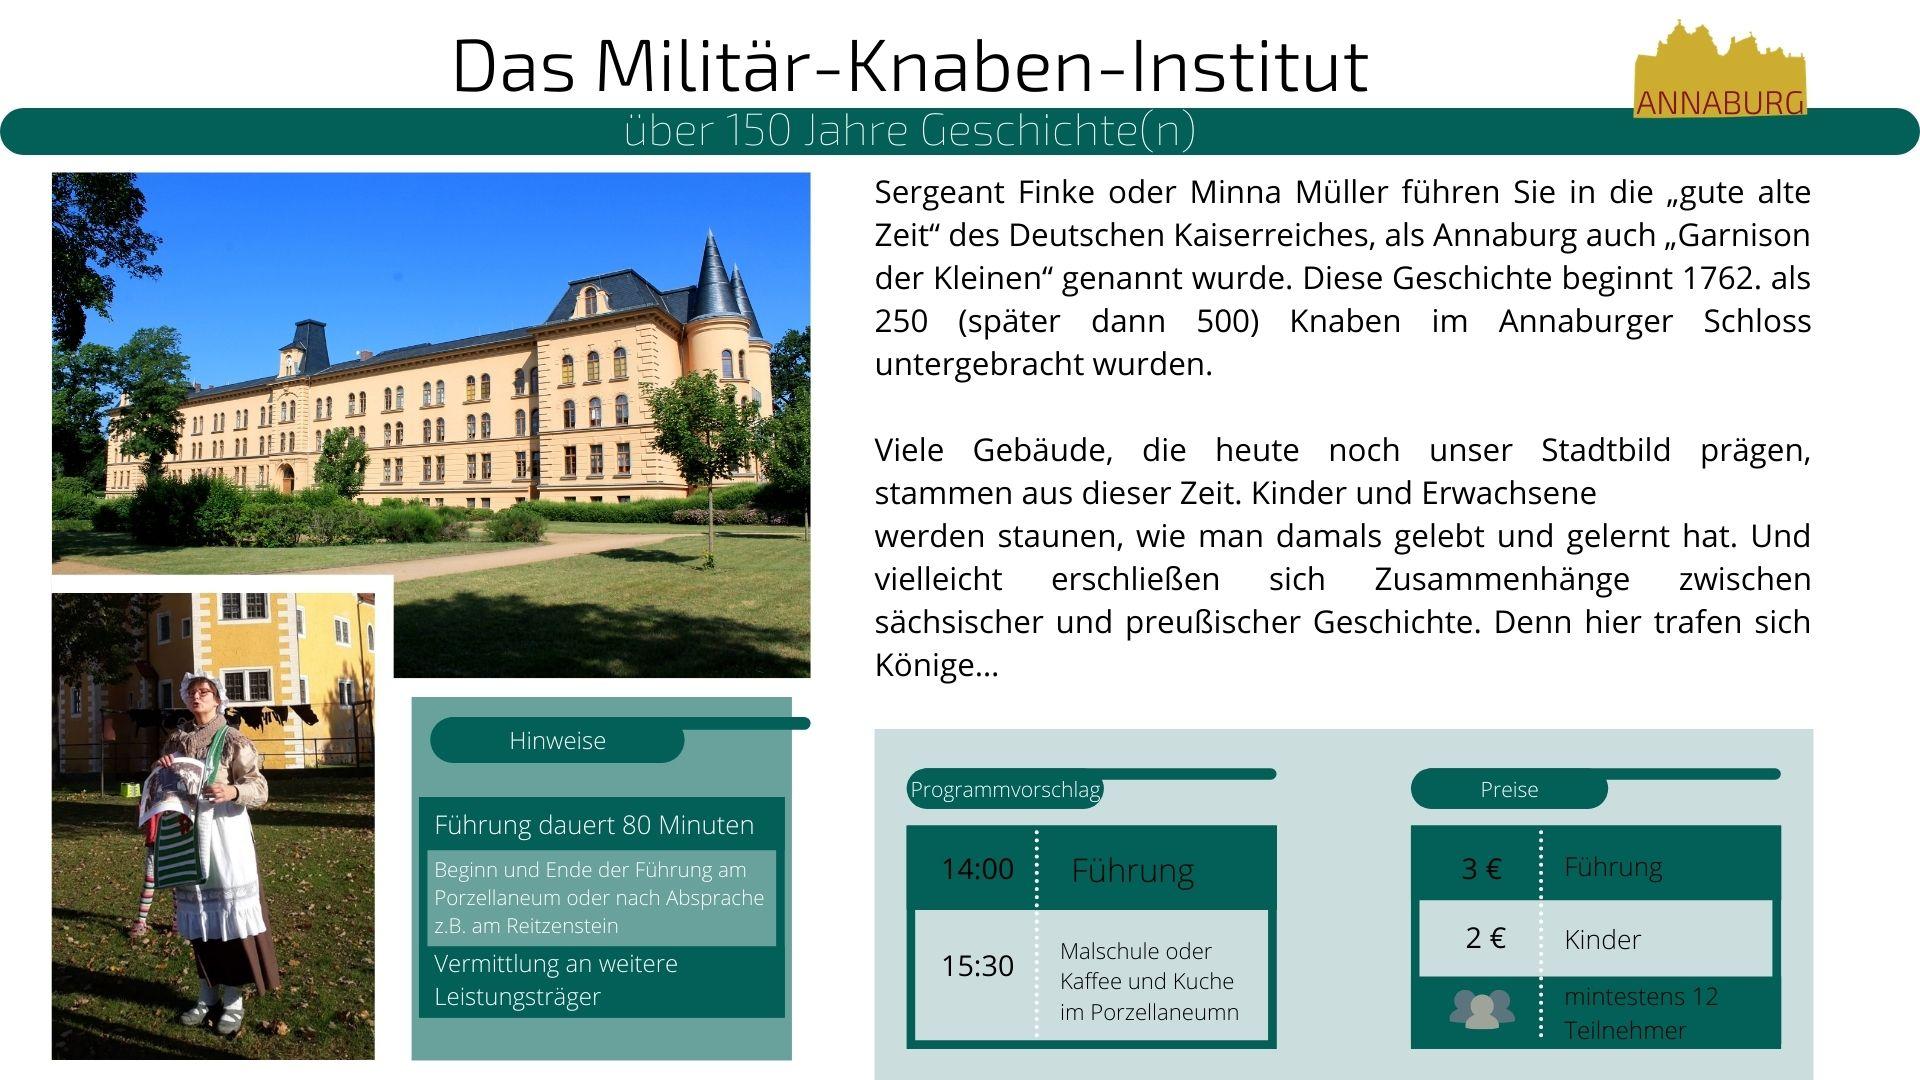 Angaben zur Führung: Das Militär-Knaben-Institut